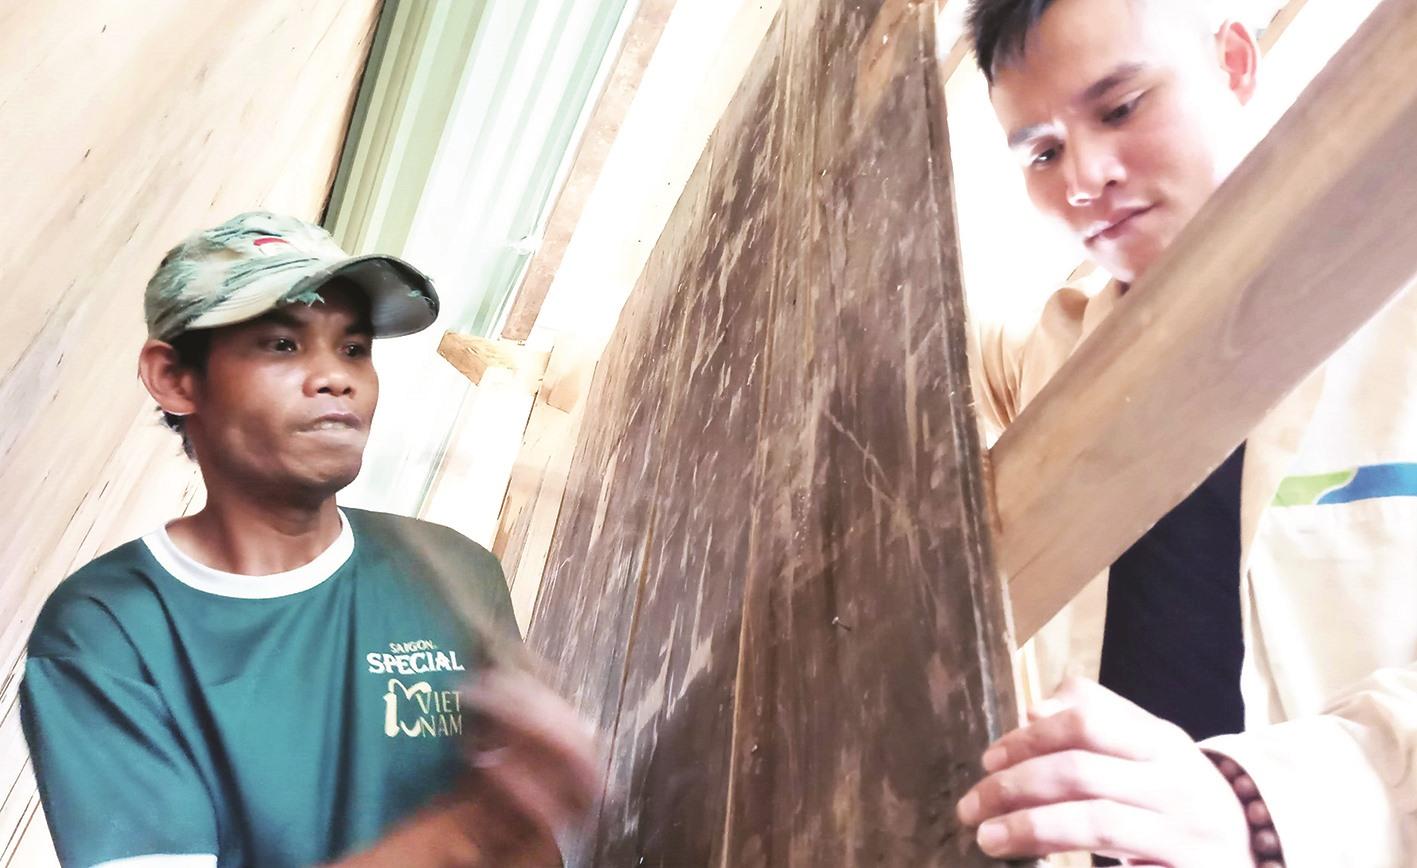 Anh Hồ Văn Hóa (bên trái) cùng em trai đóng những tấm phên - nguyên liệu được tận dụng từ ngôi nhà ở làng cũ.